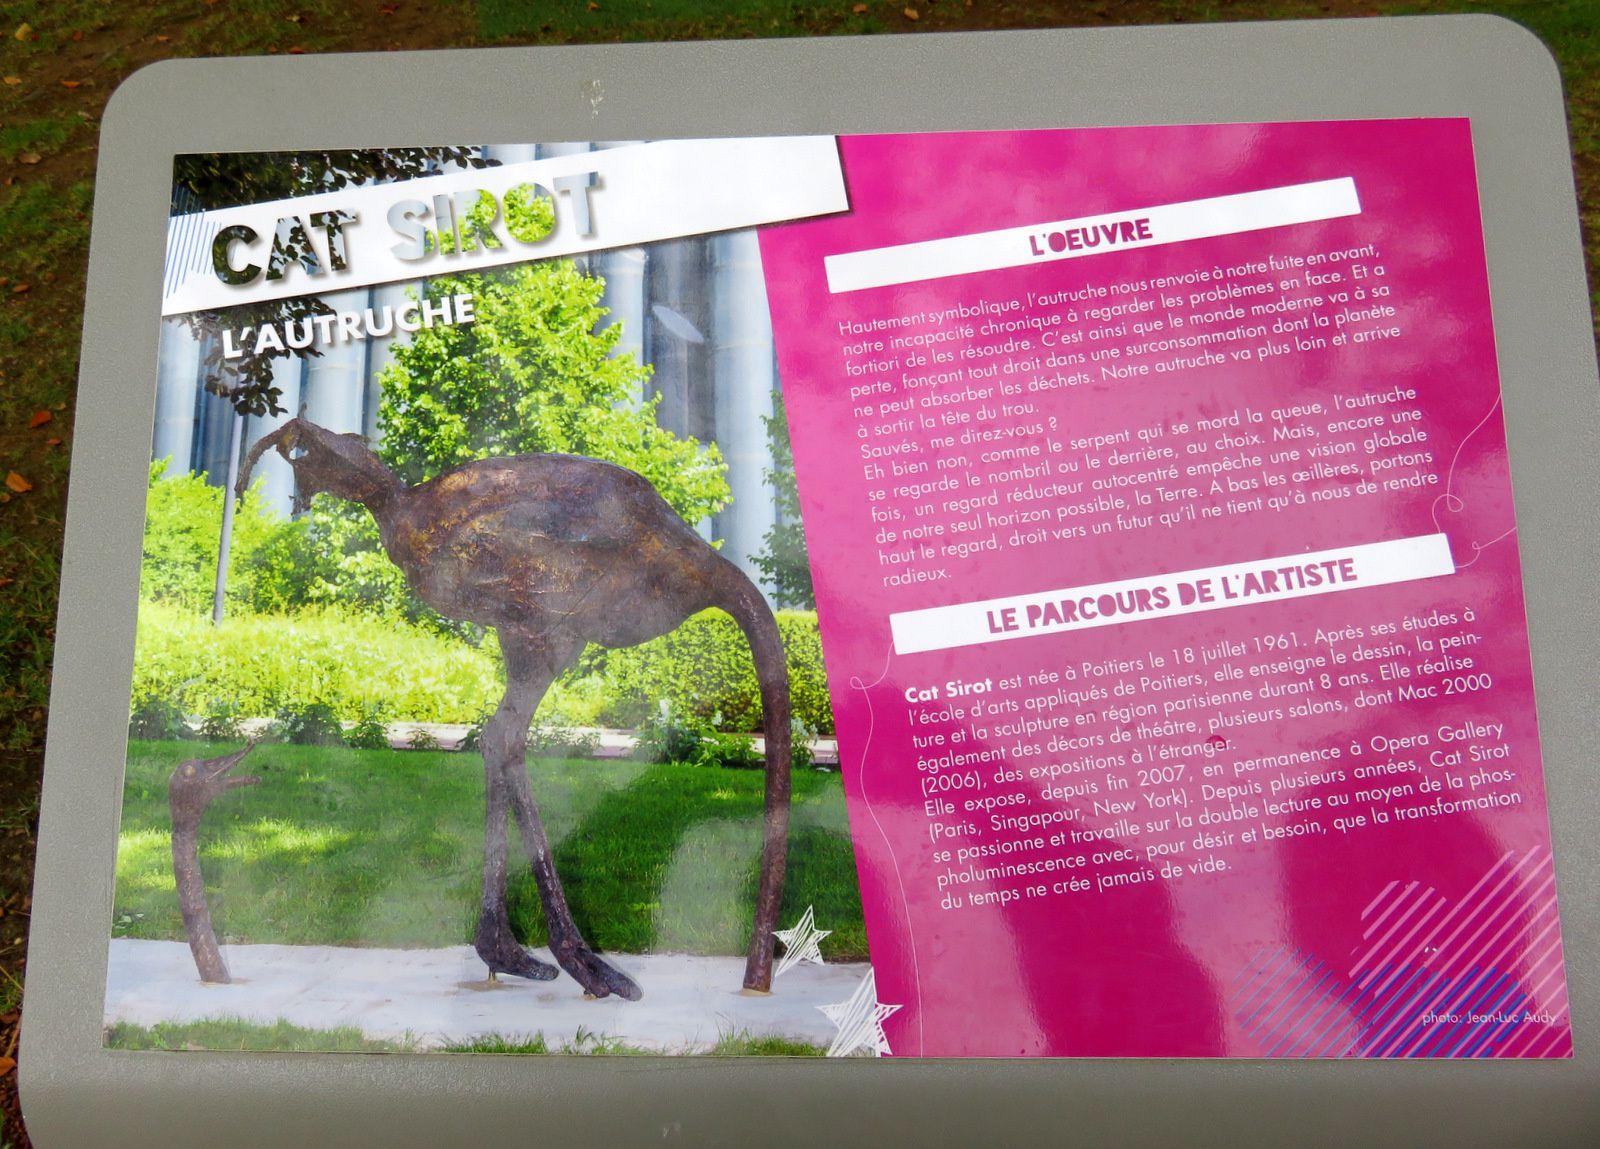 L'autruche de Cat Sirot et l'Arbre aux oiseaux de Gwenael Stamm